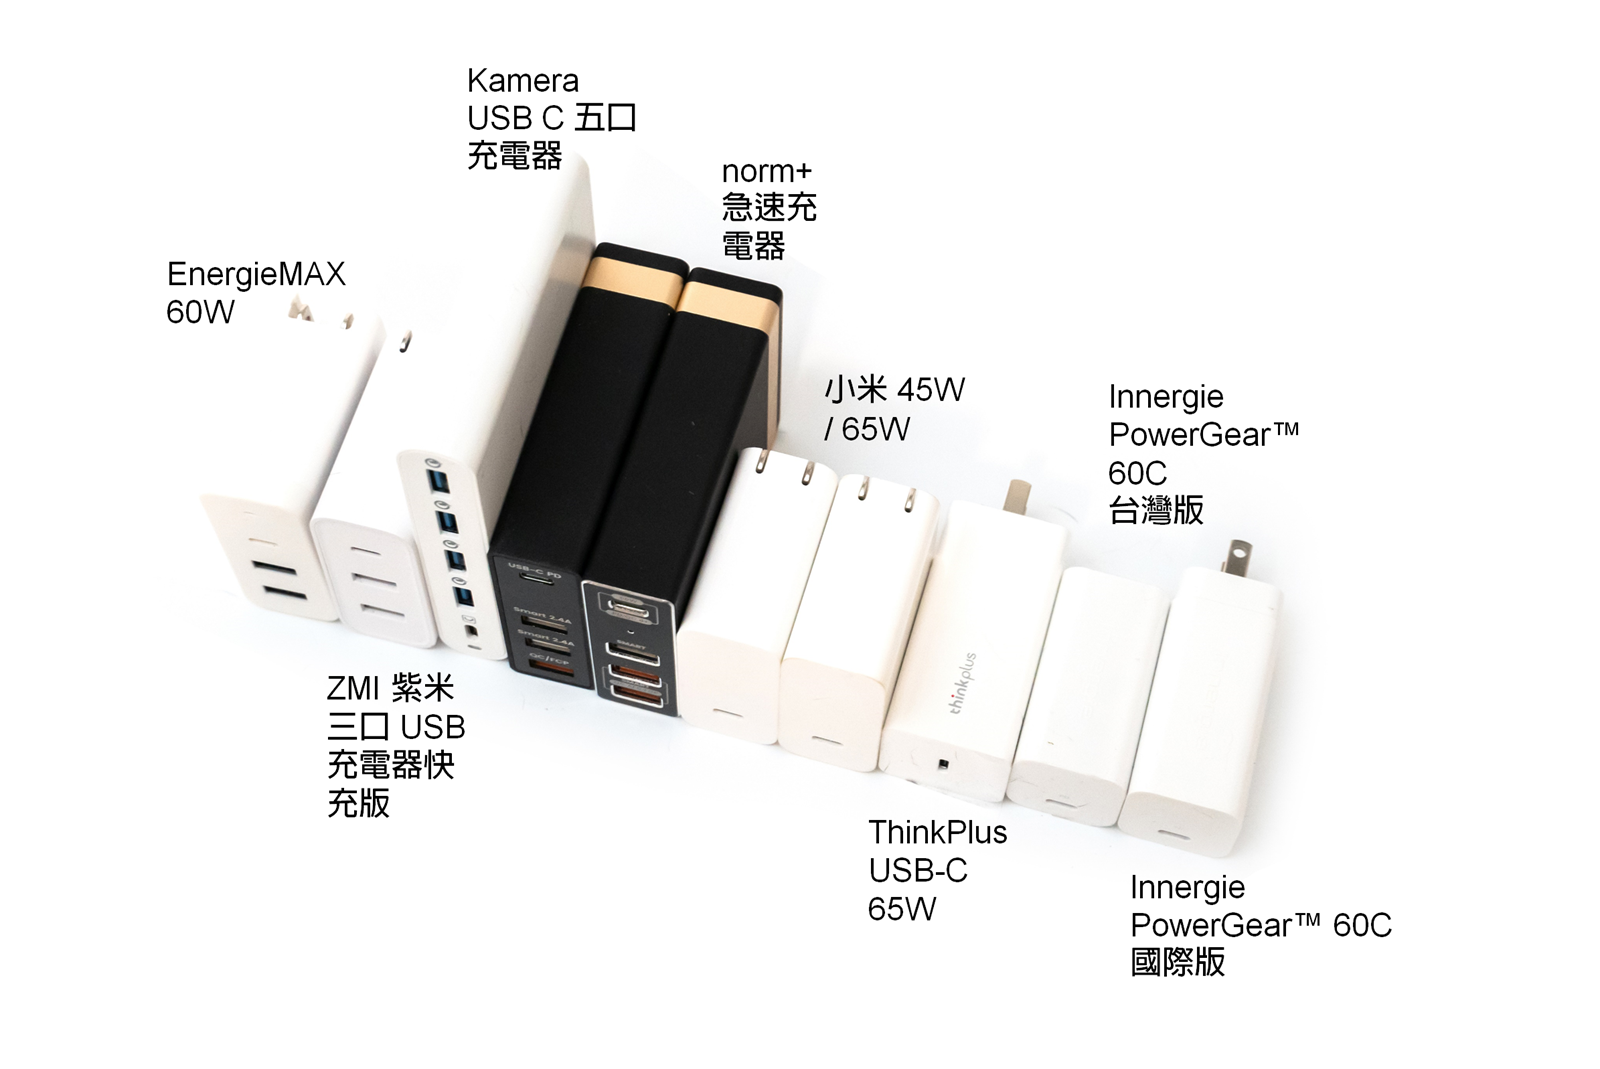 尋找最好 USB C 充電器推薦 (40W 以上適用充筆電與多用途) 小米 / 紫米 / ThinkPlus / Innergie PowerGear / norm+ / Kamera 最完整比較表 @3C 達人廖阿輝